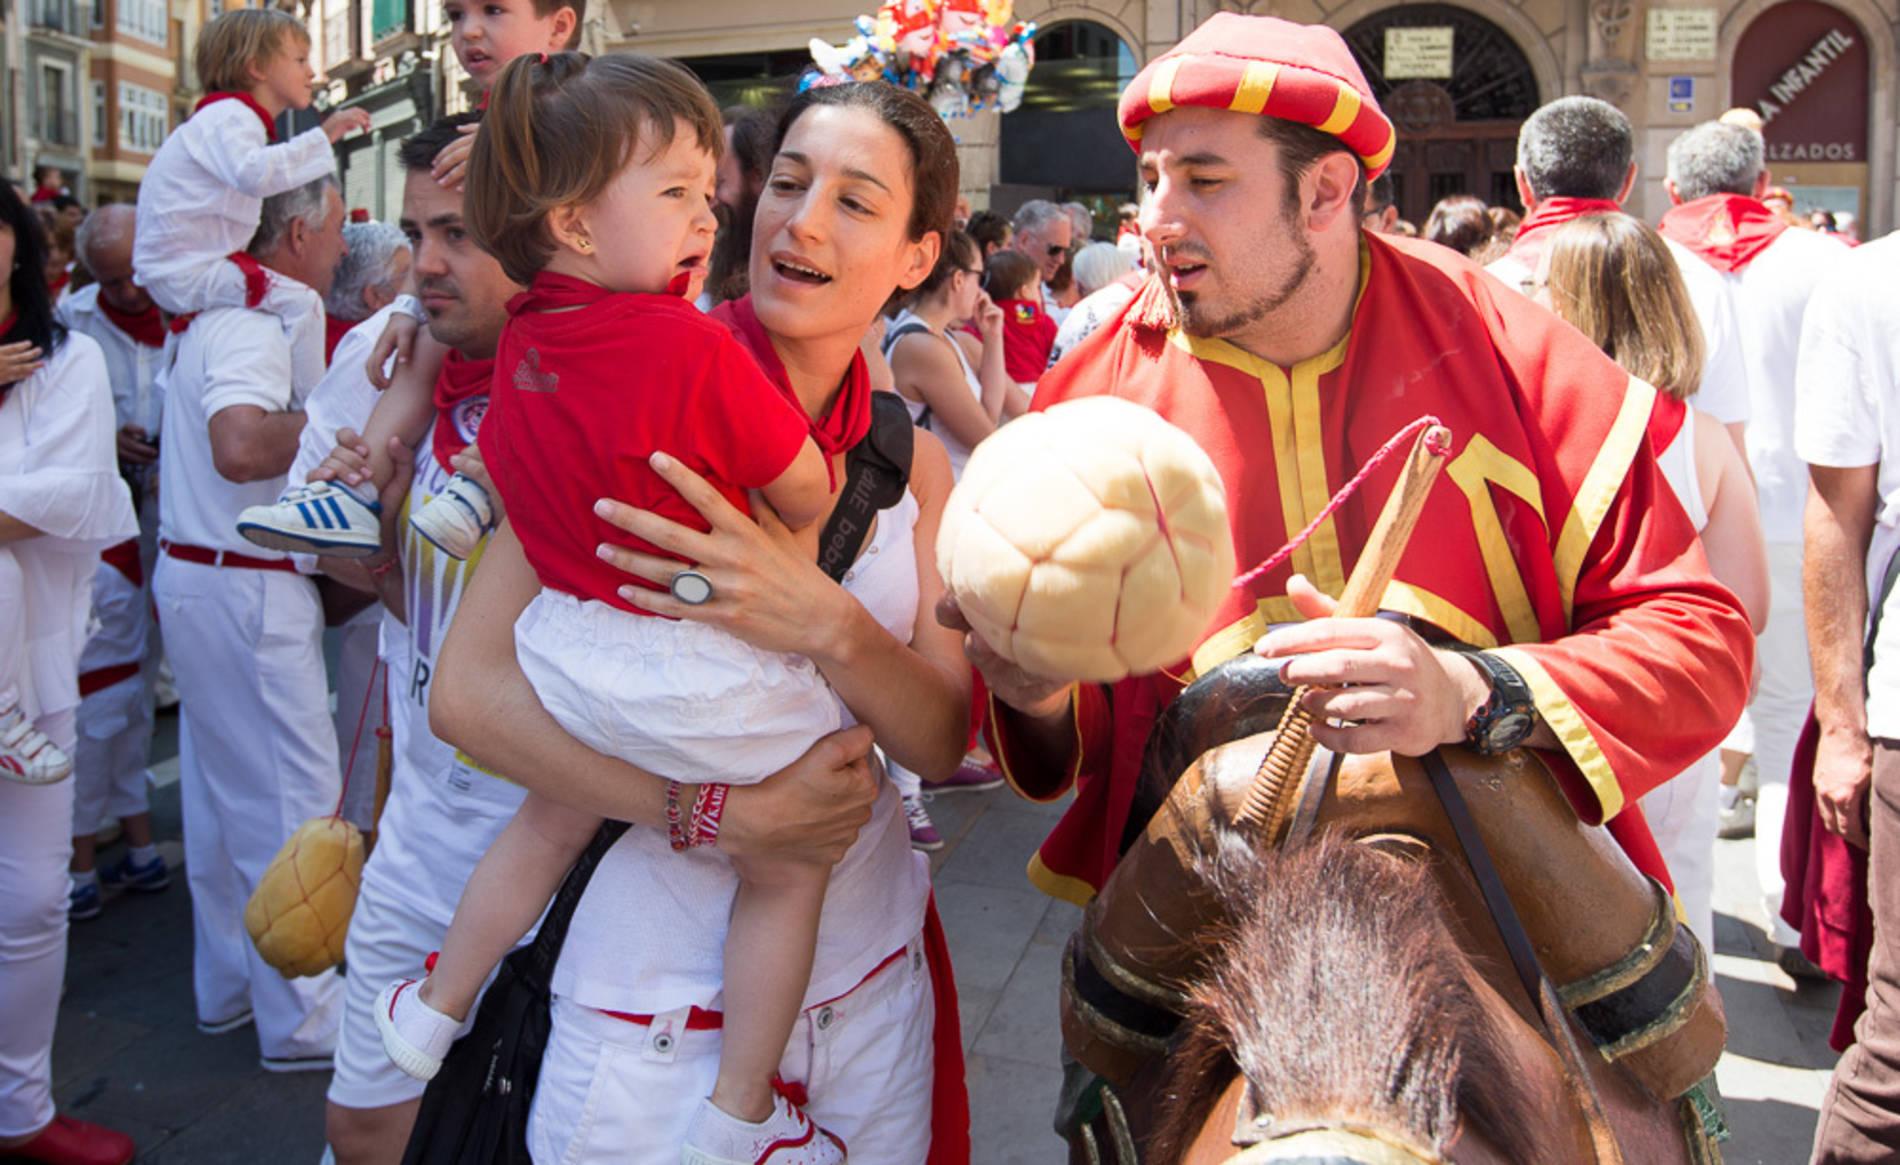 La salida de los gigantes del 11 de julio de 2017 (1/108) - Salida de la comparsa de gigantes y cabezudos del 11 de julio. - San Fermín -